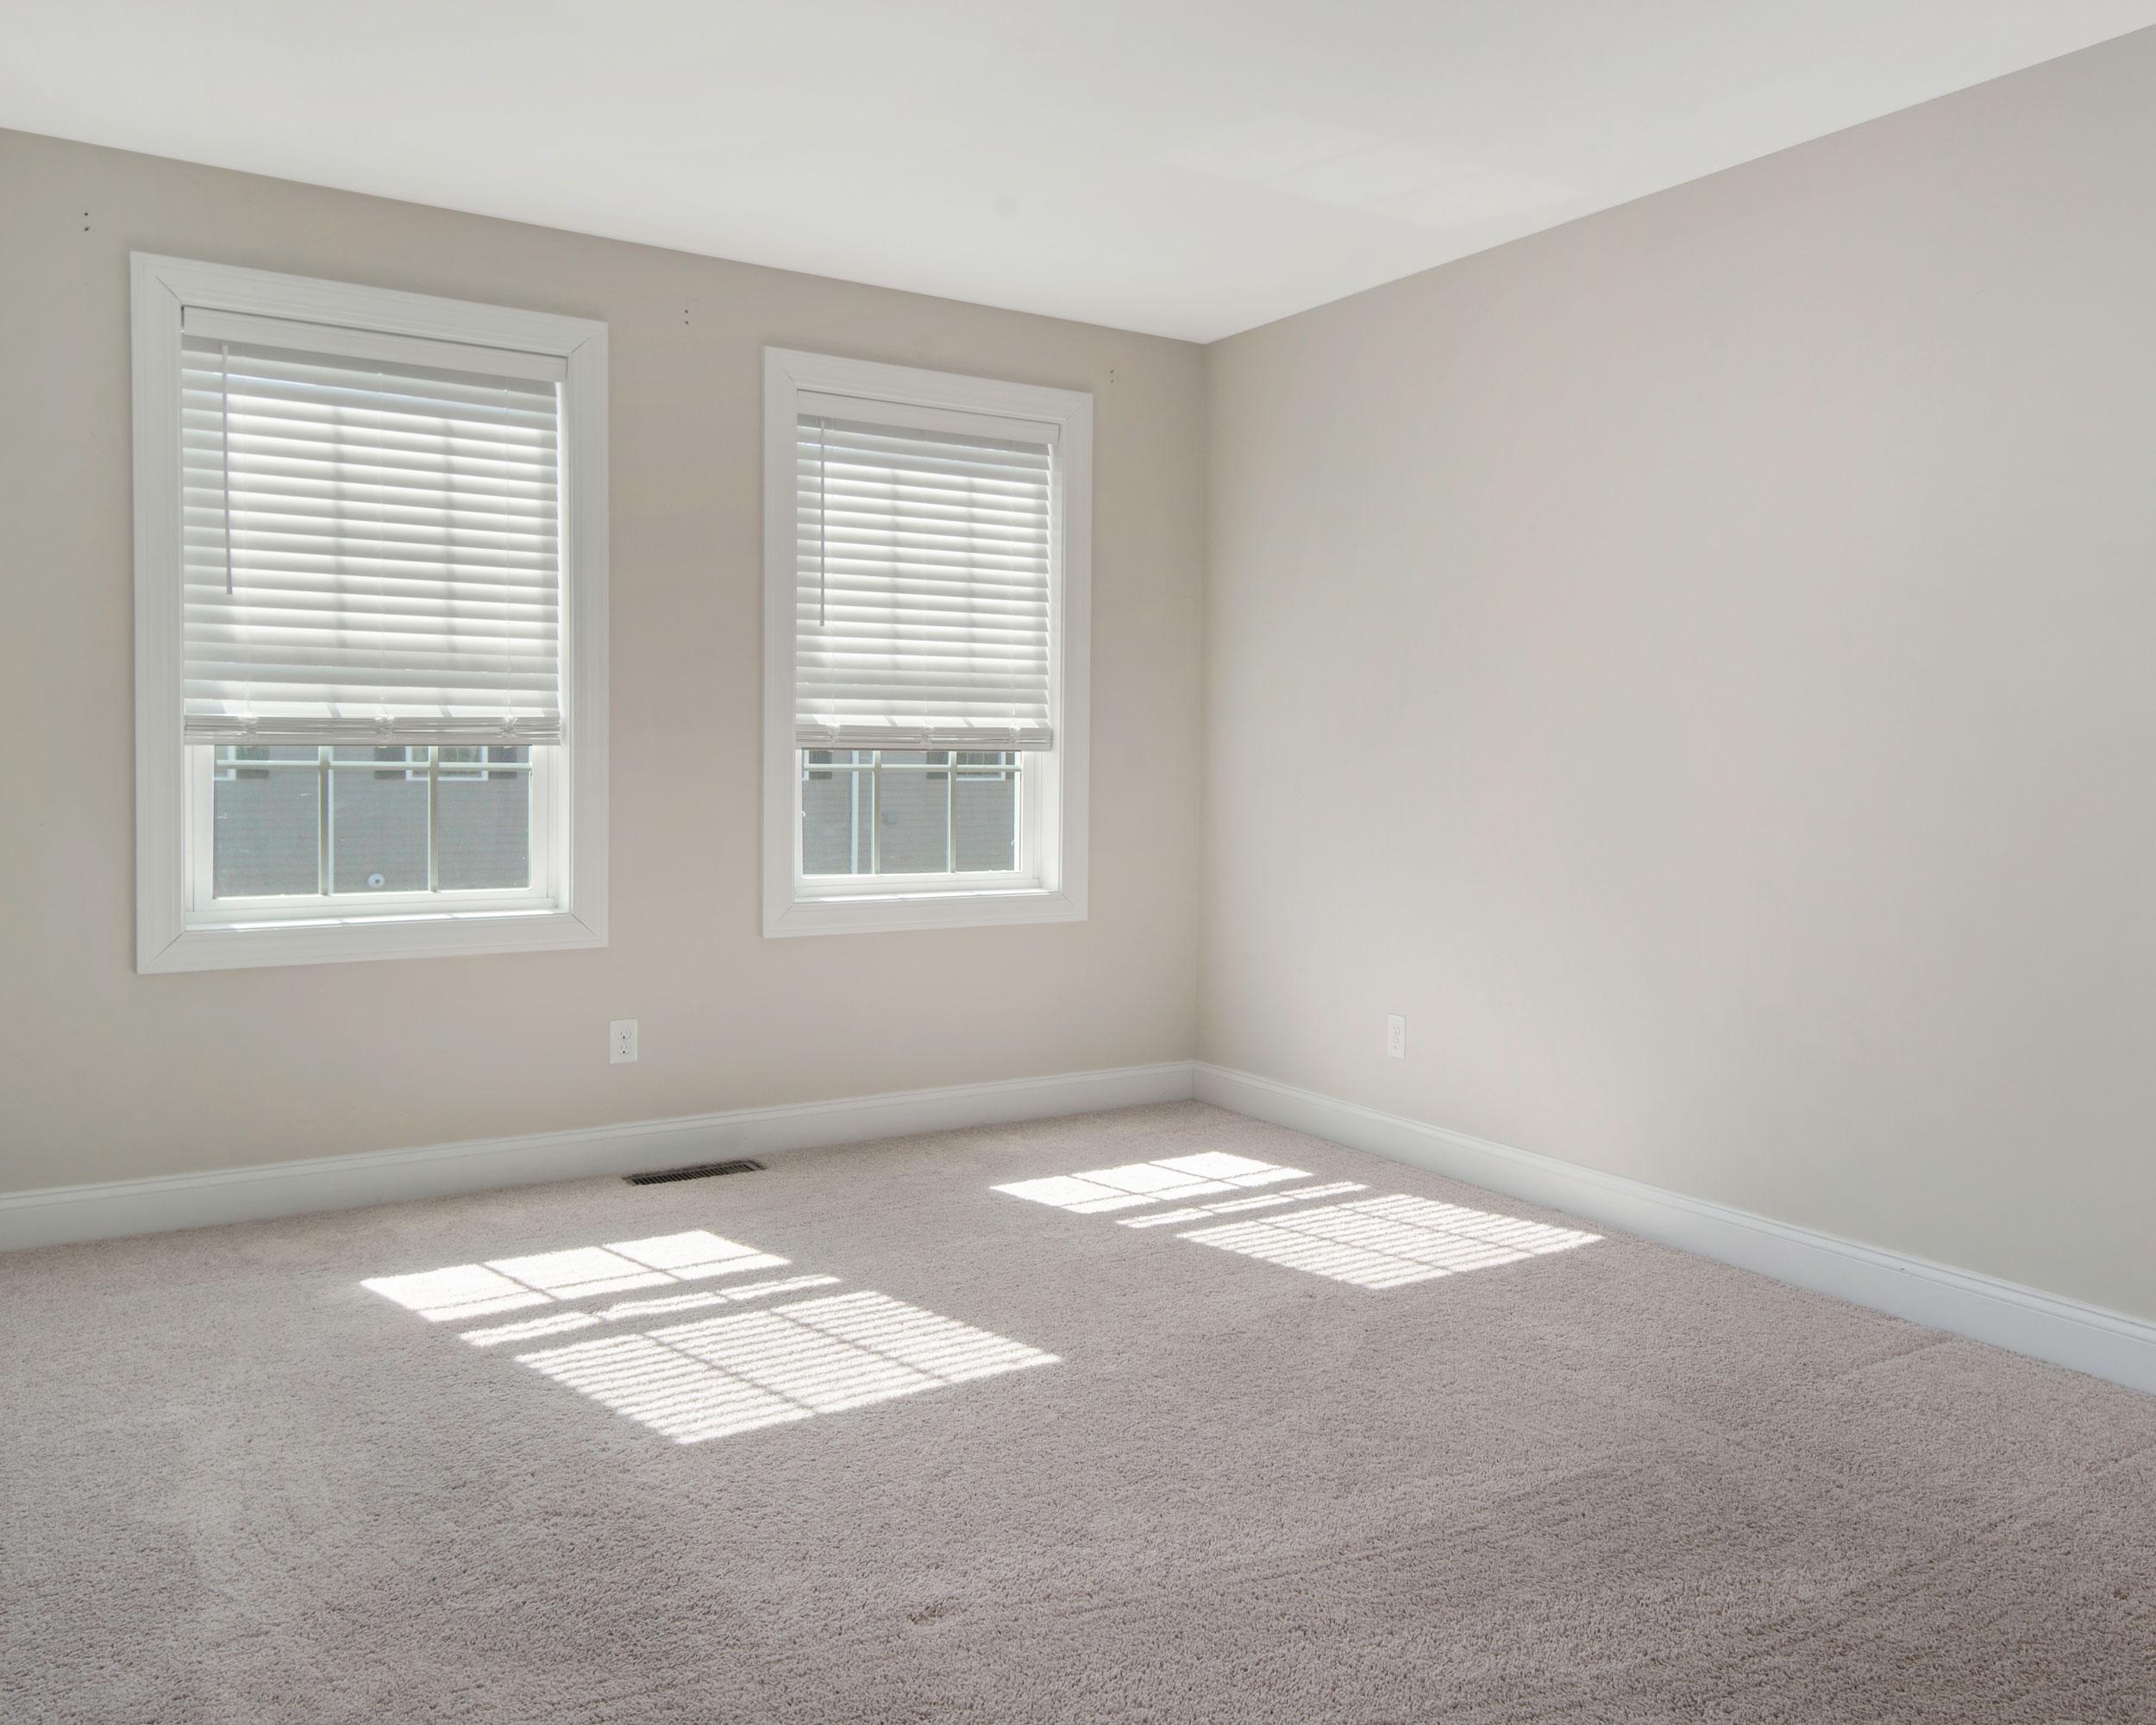 18x11 second bedroom